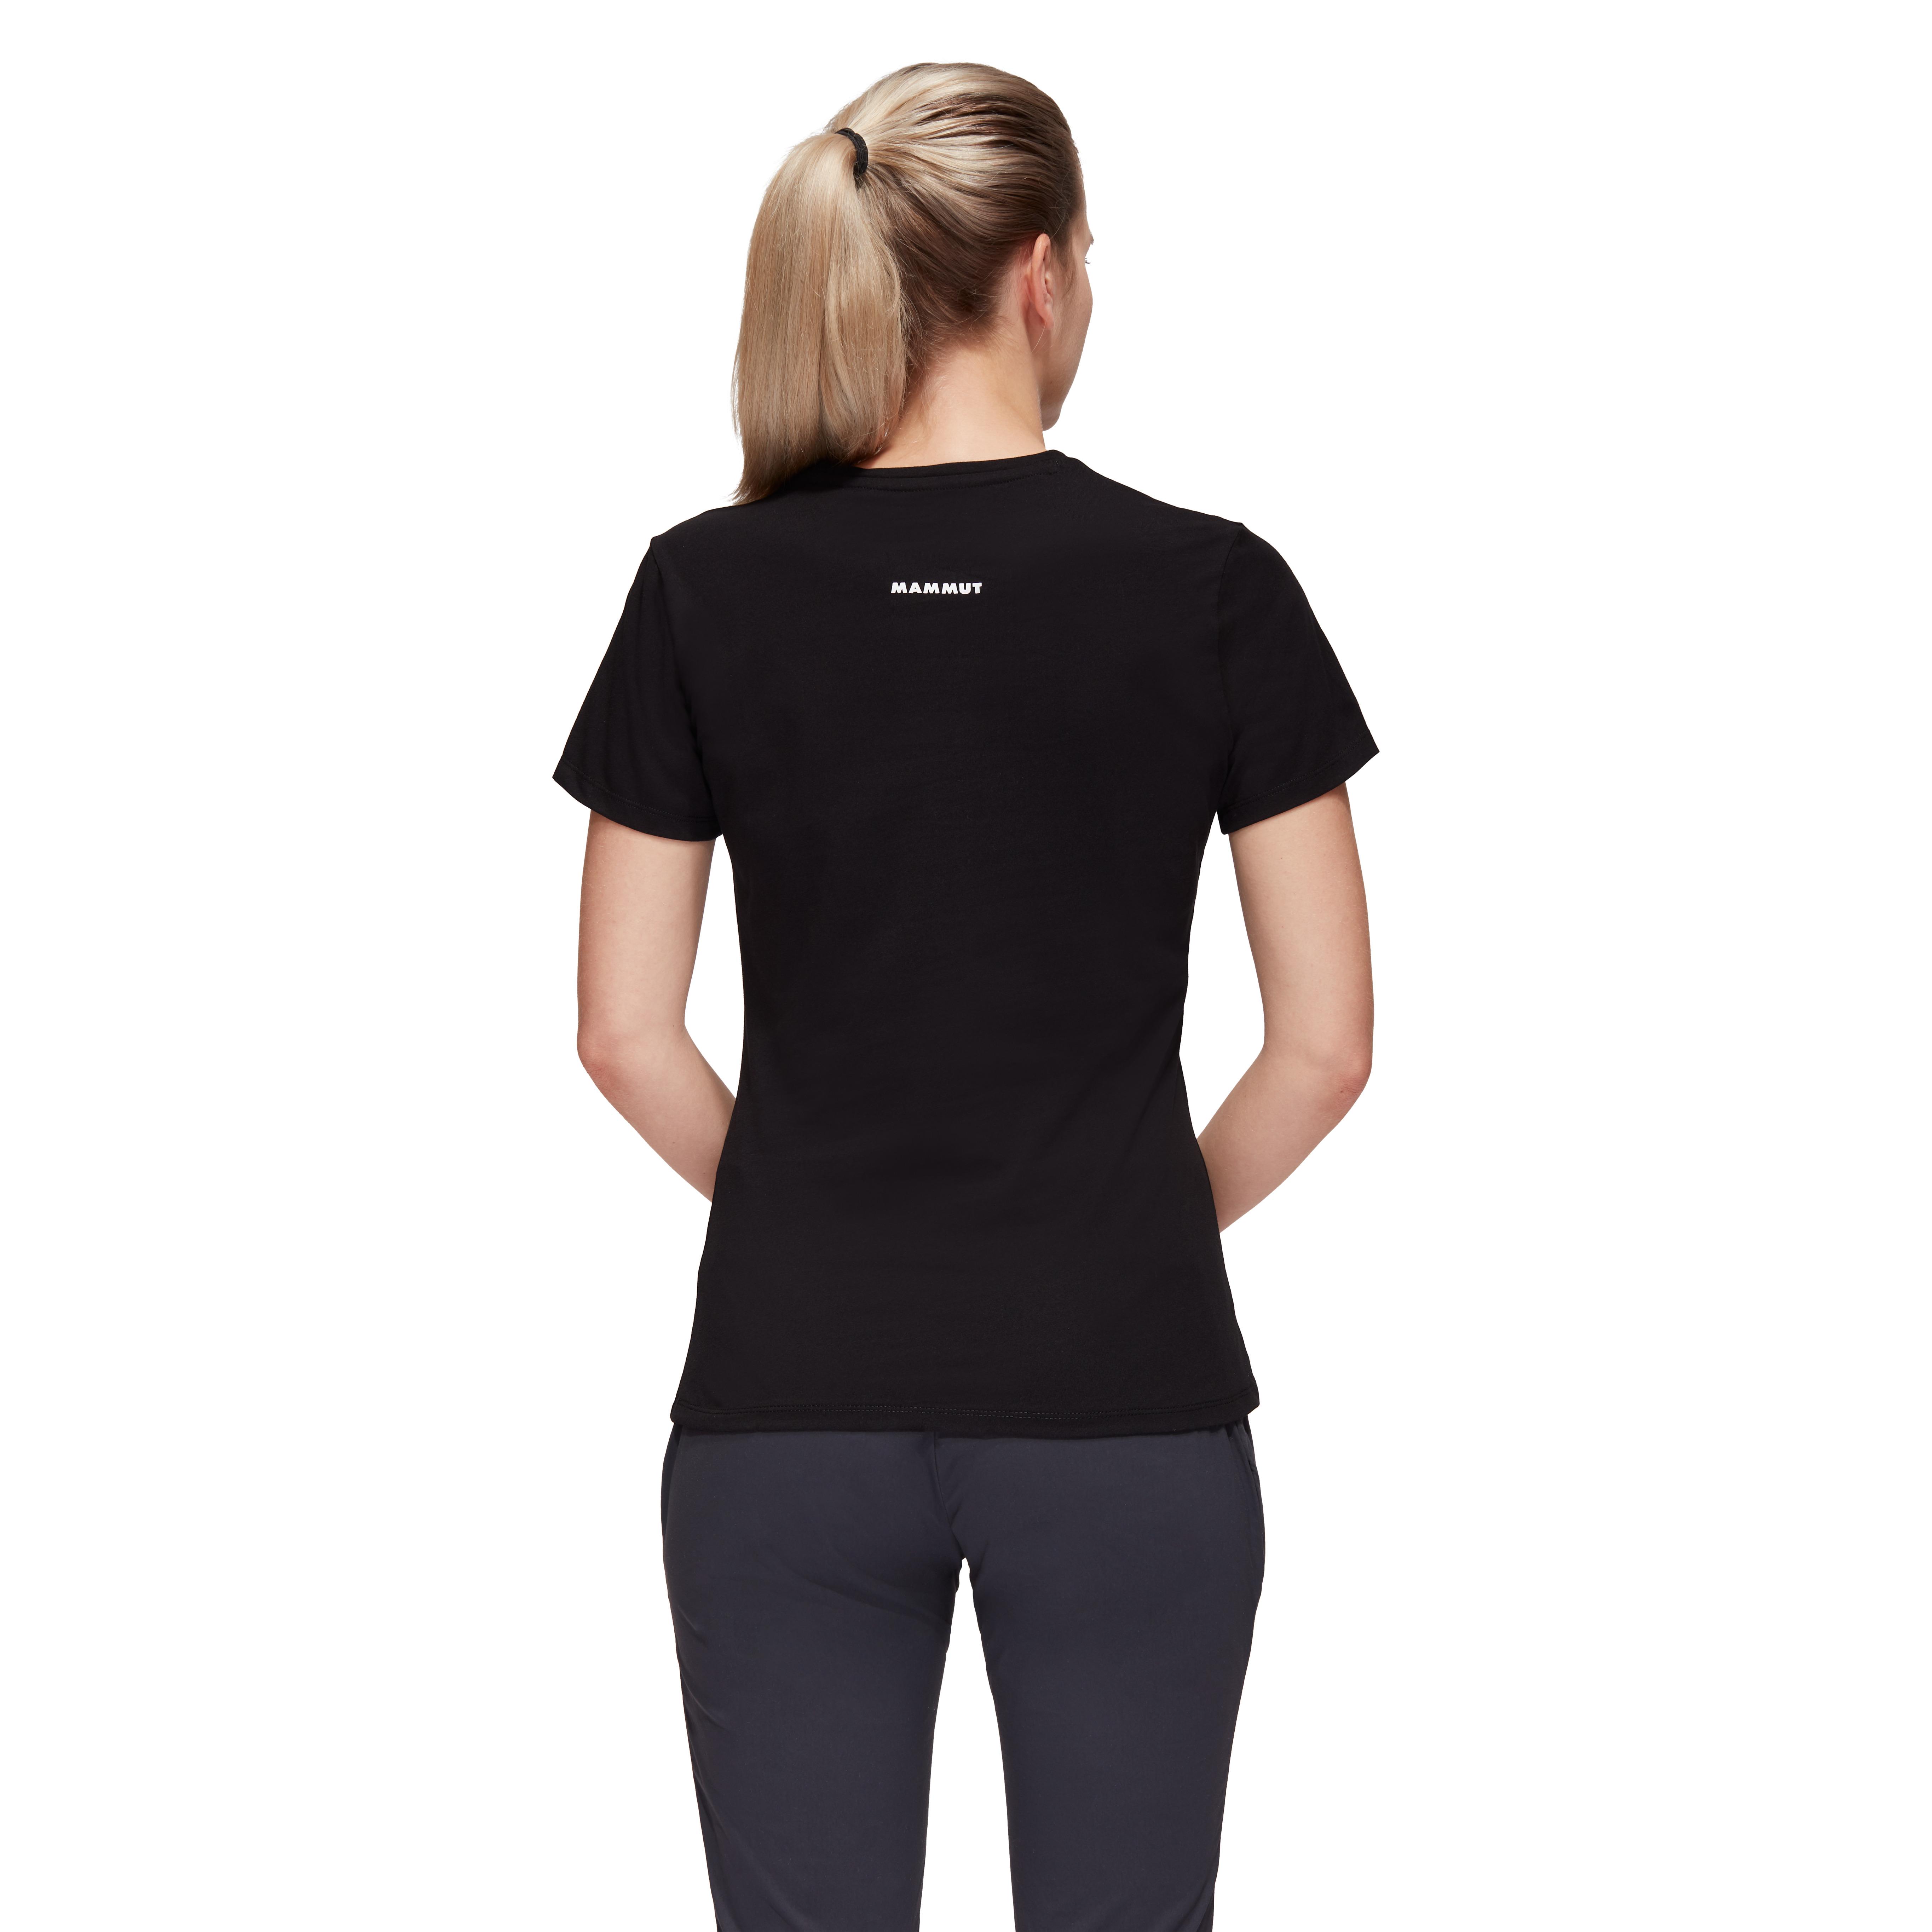 Peaks T-Shirt Women 2